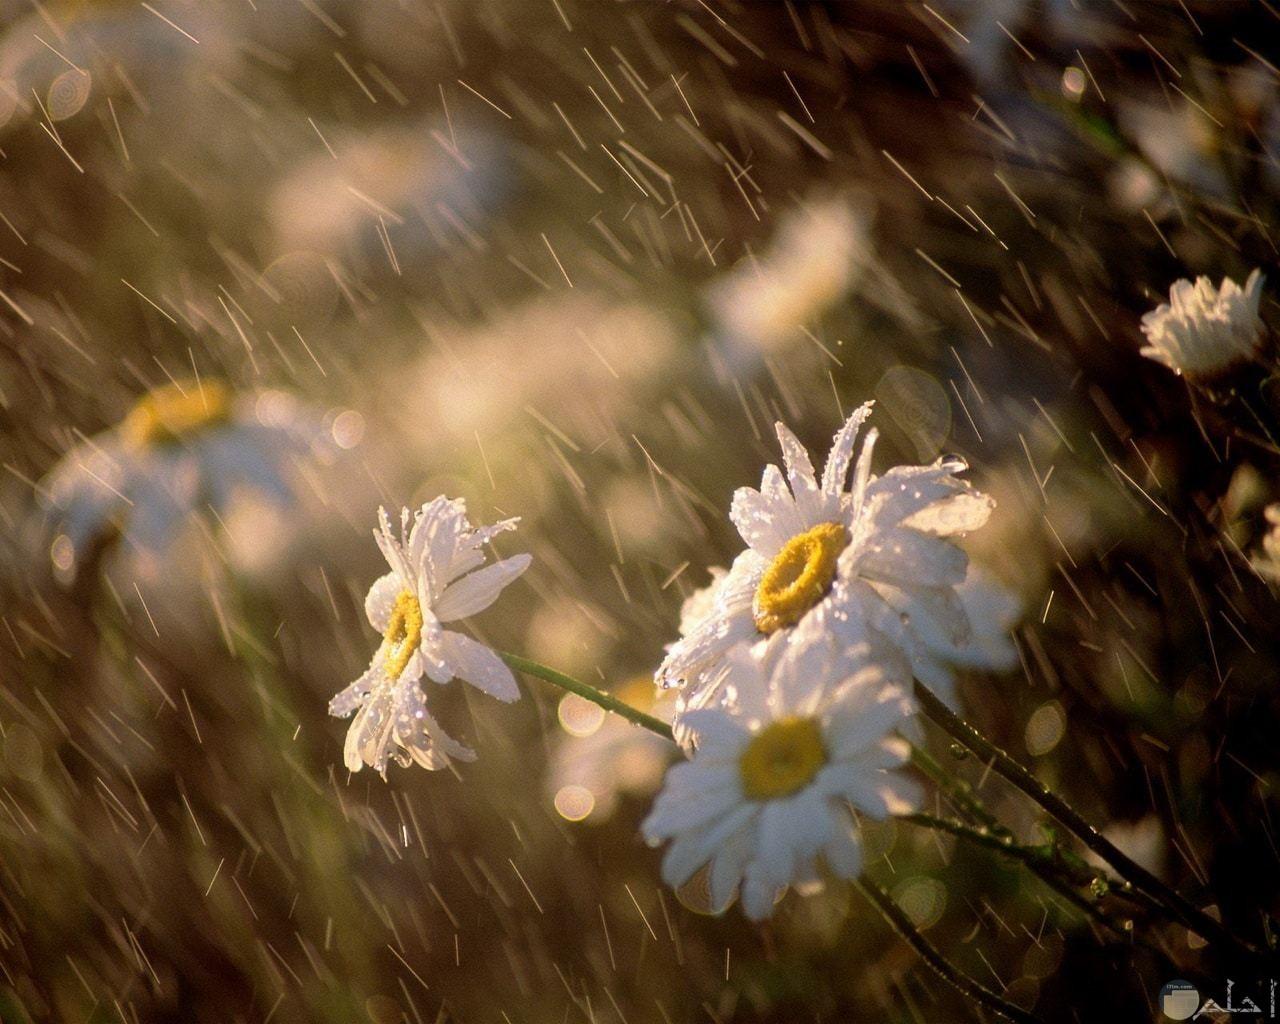 سقوط المطر على الزهر و الشجر.